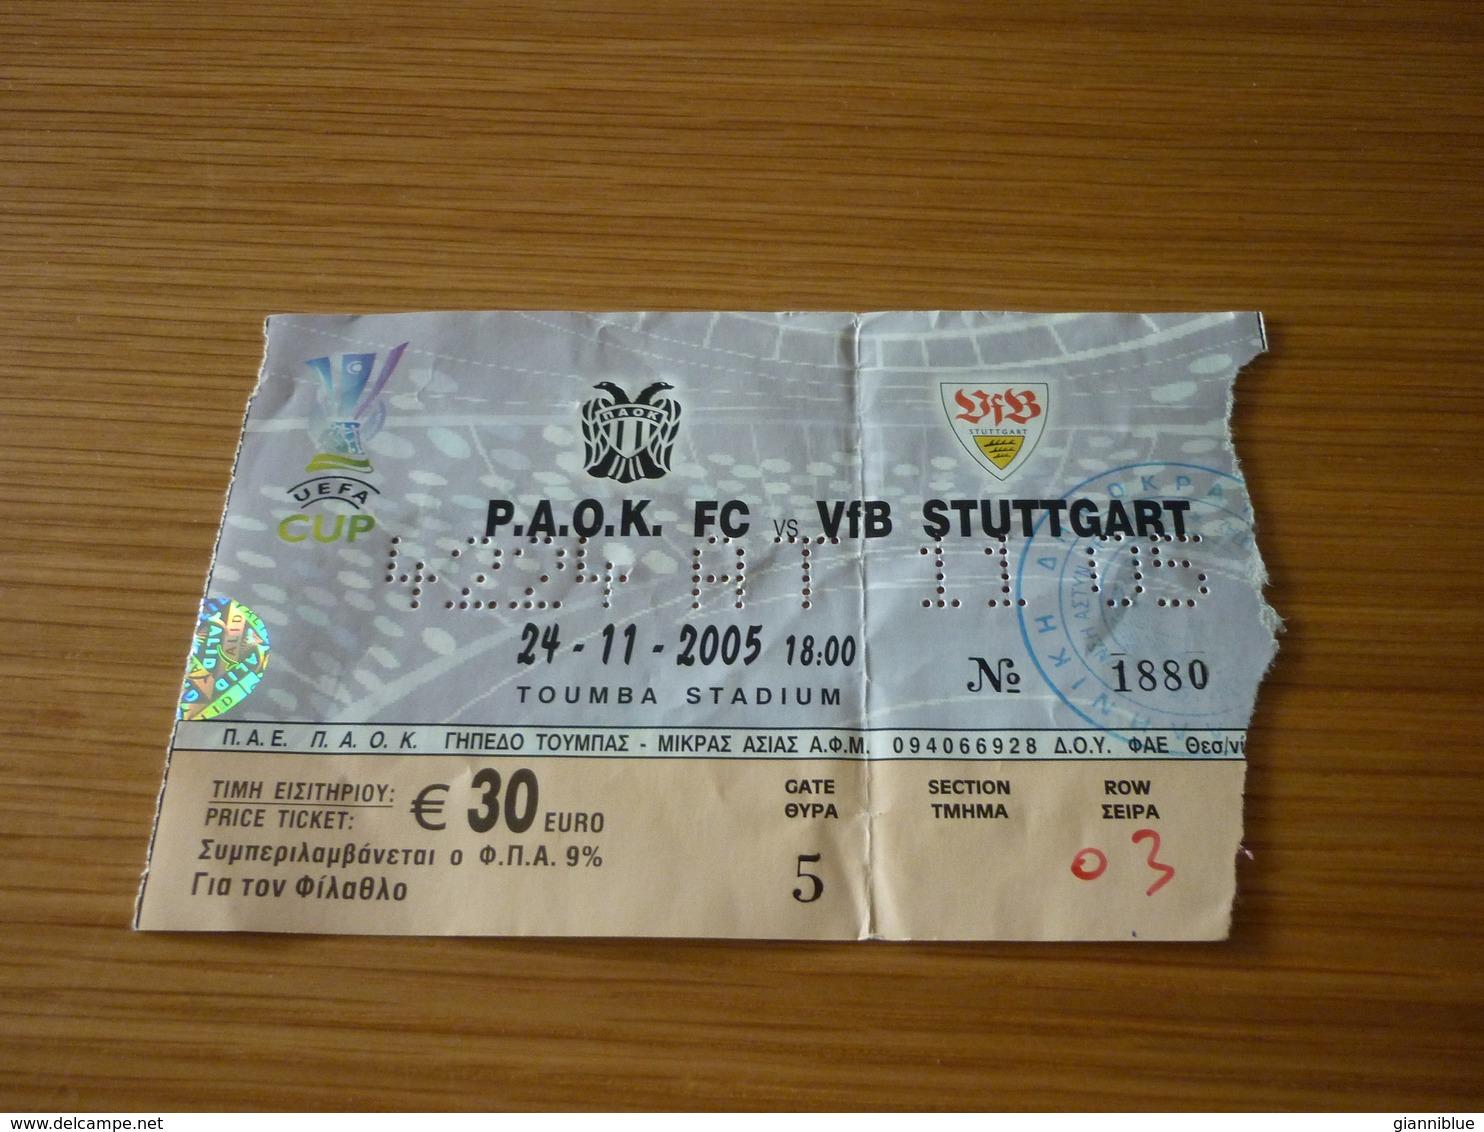 PAOK-VfB Stuttgart UEFA CUP Football Match Ticket Stub 24/11/2005 - Match Tickets